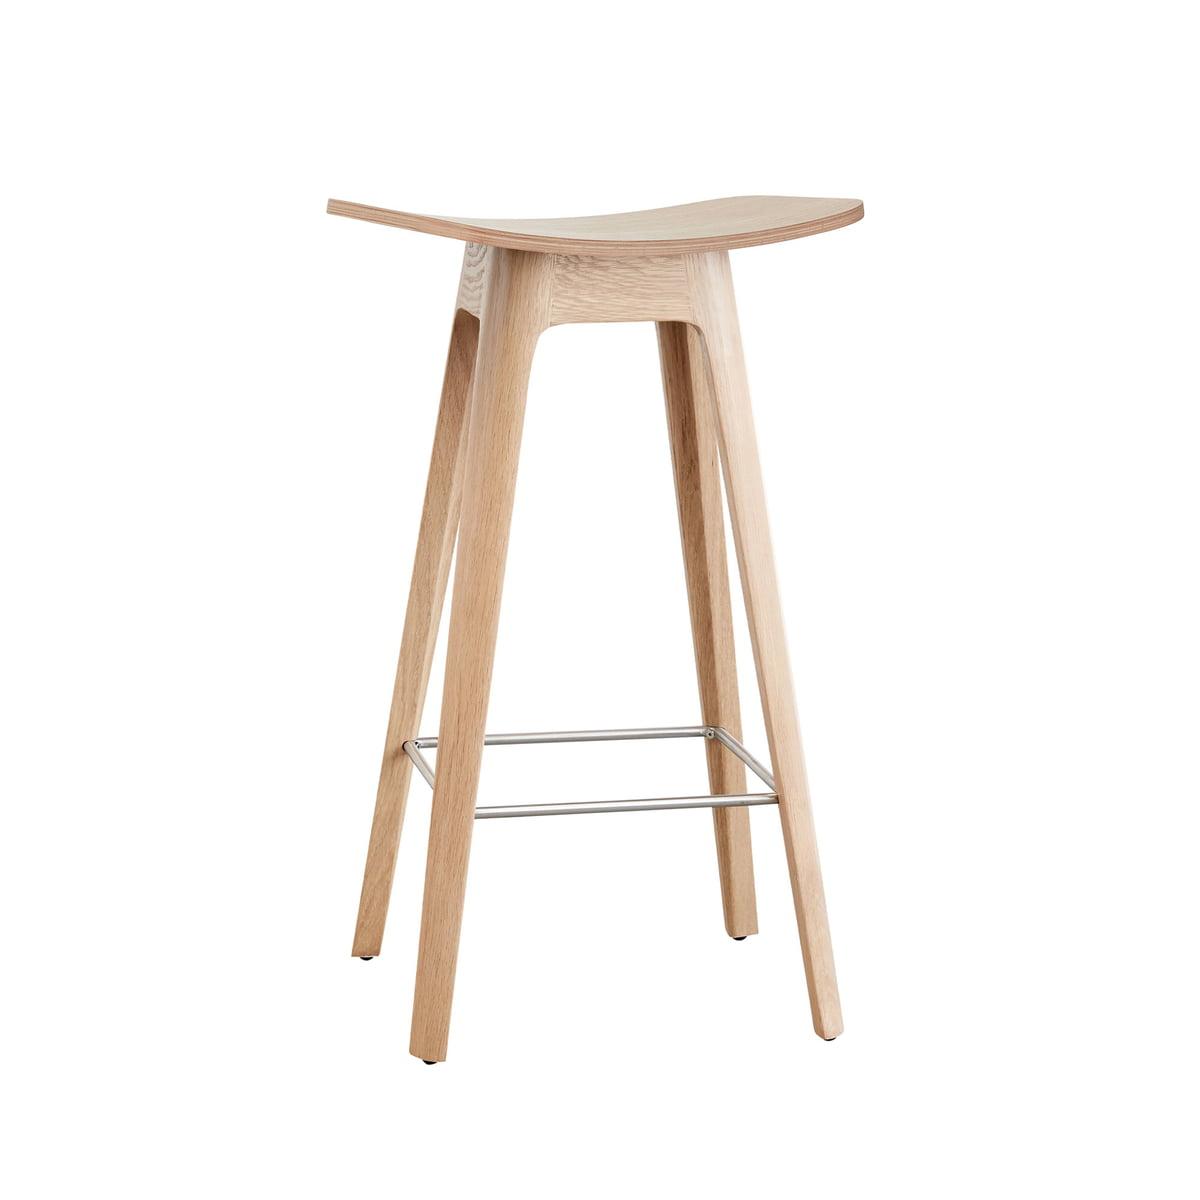 Andersen Furniture - Tabouret de bar HC1 H 67 cm, piètement en chêne / assise plaquée en chêne / repose-pied noir